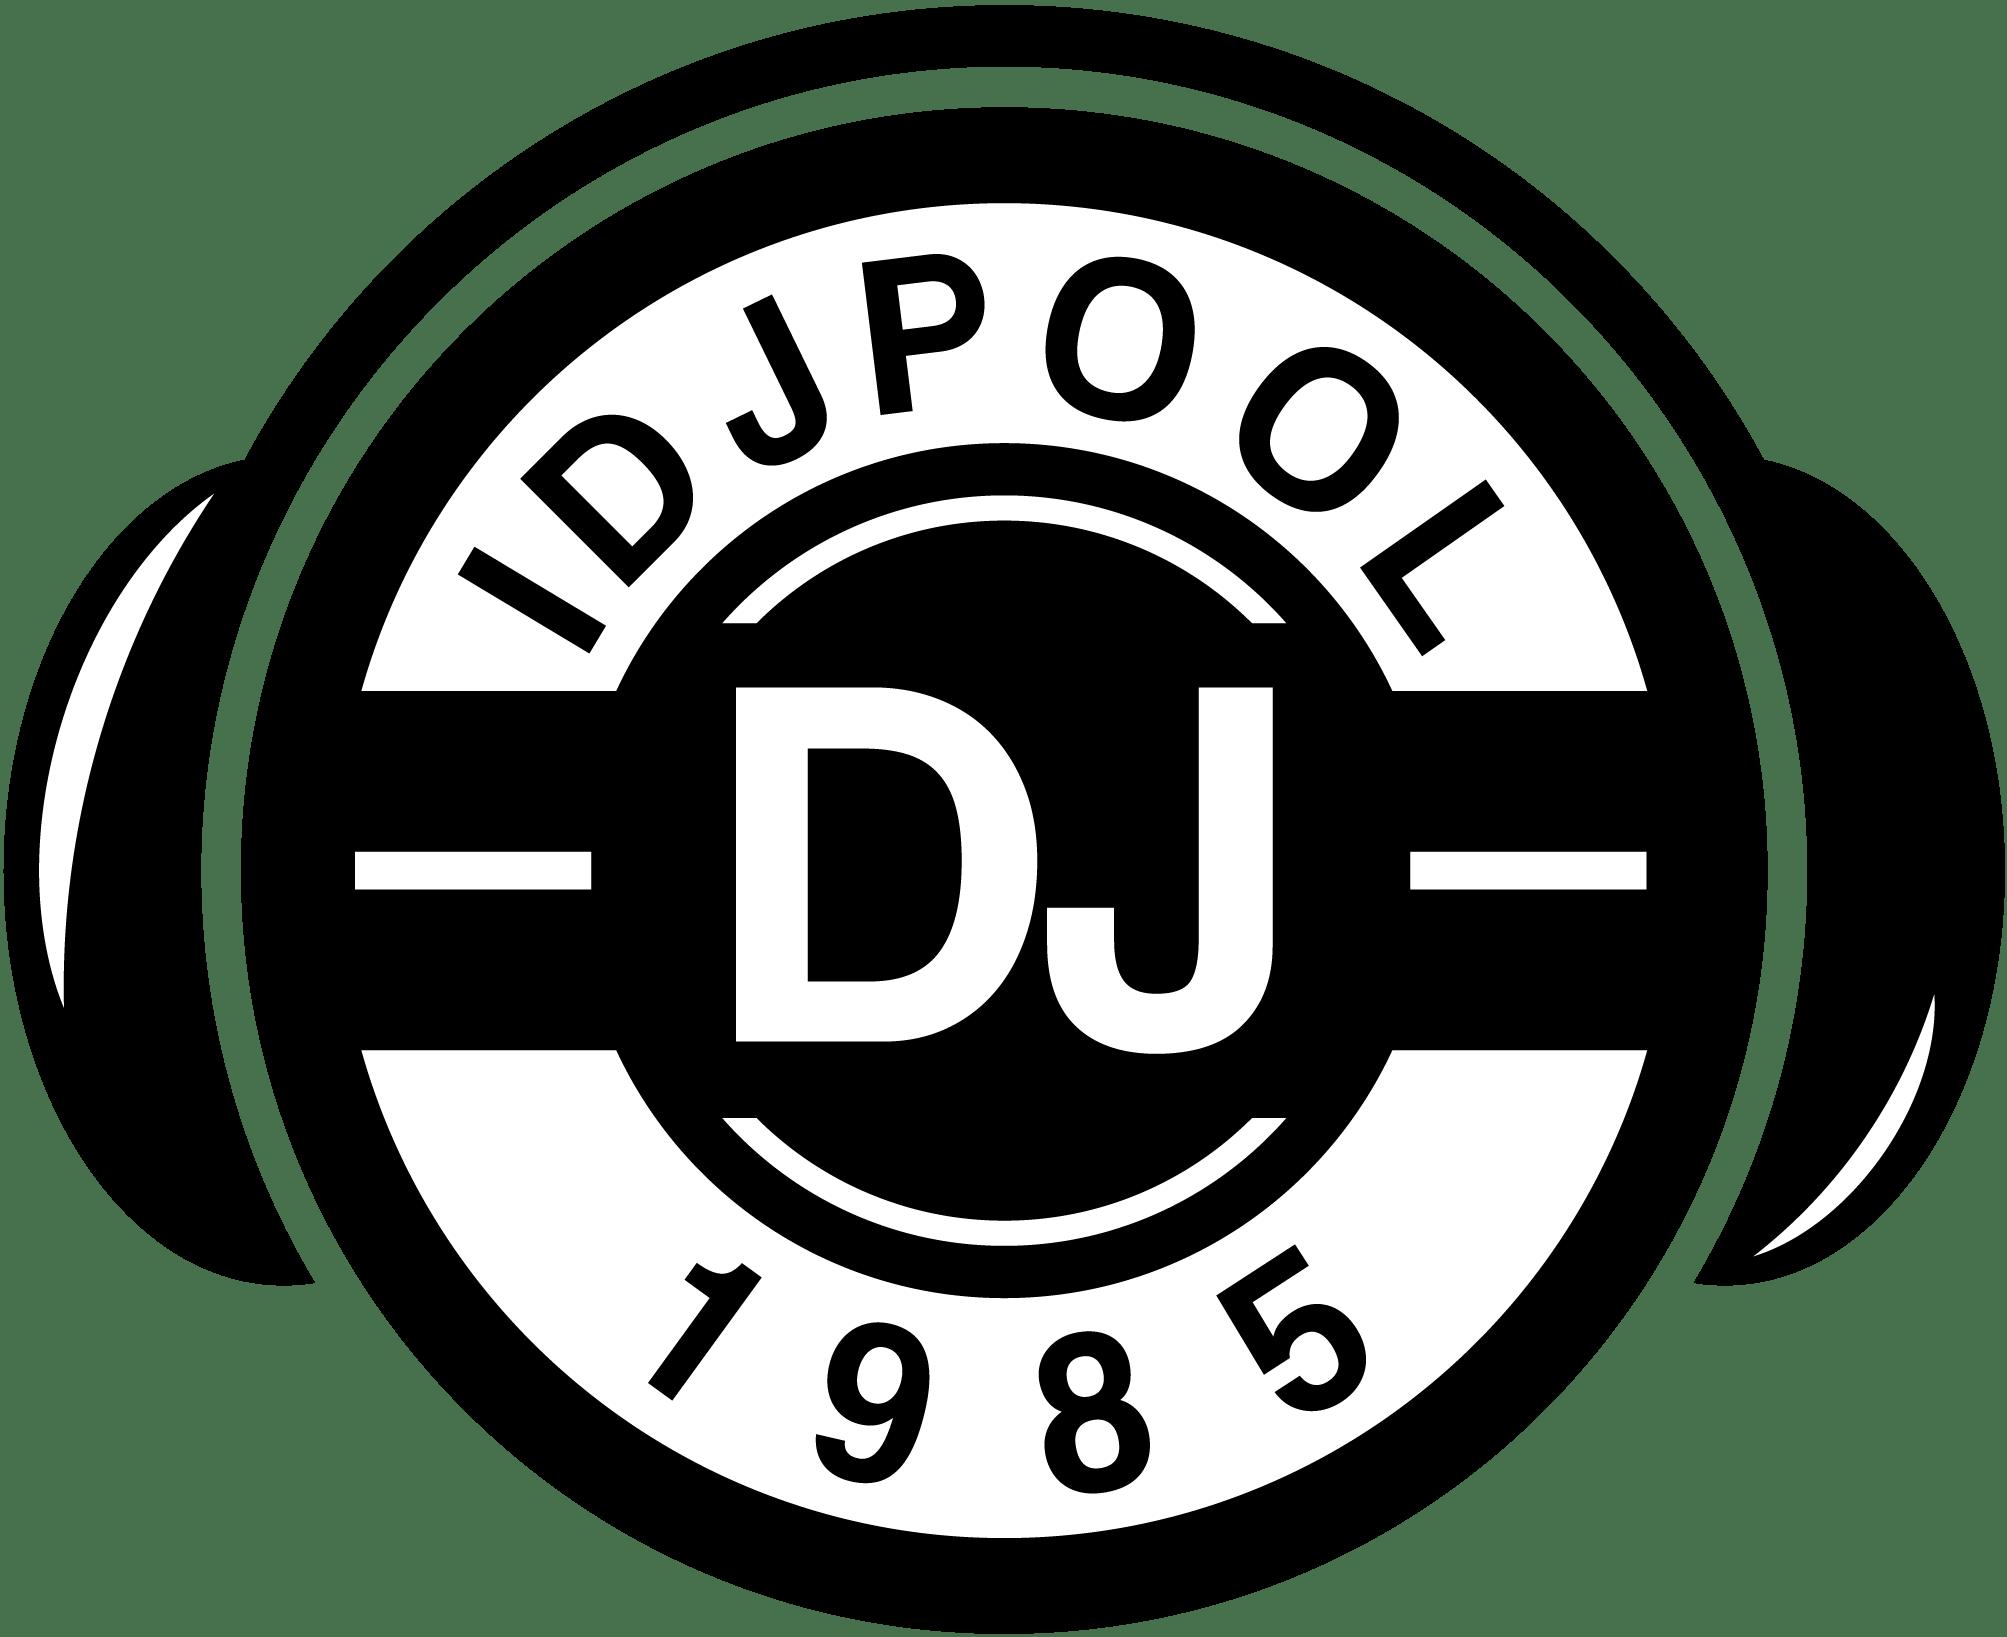 Dj clipart pop music. Idjpool www com now